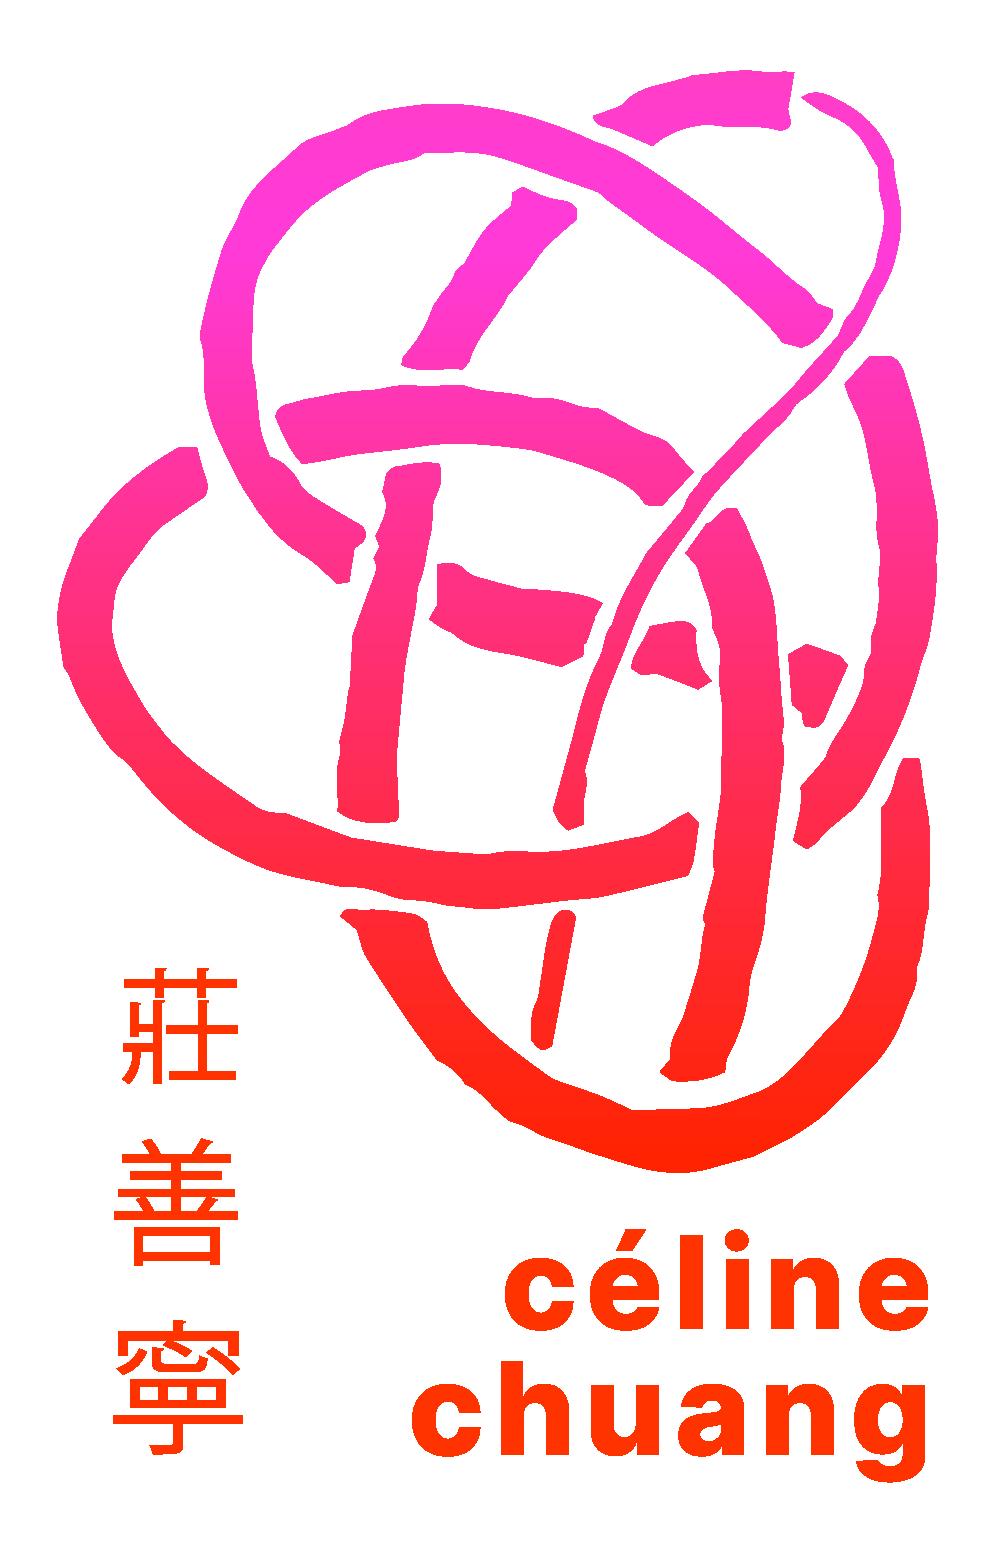 céline chuang